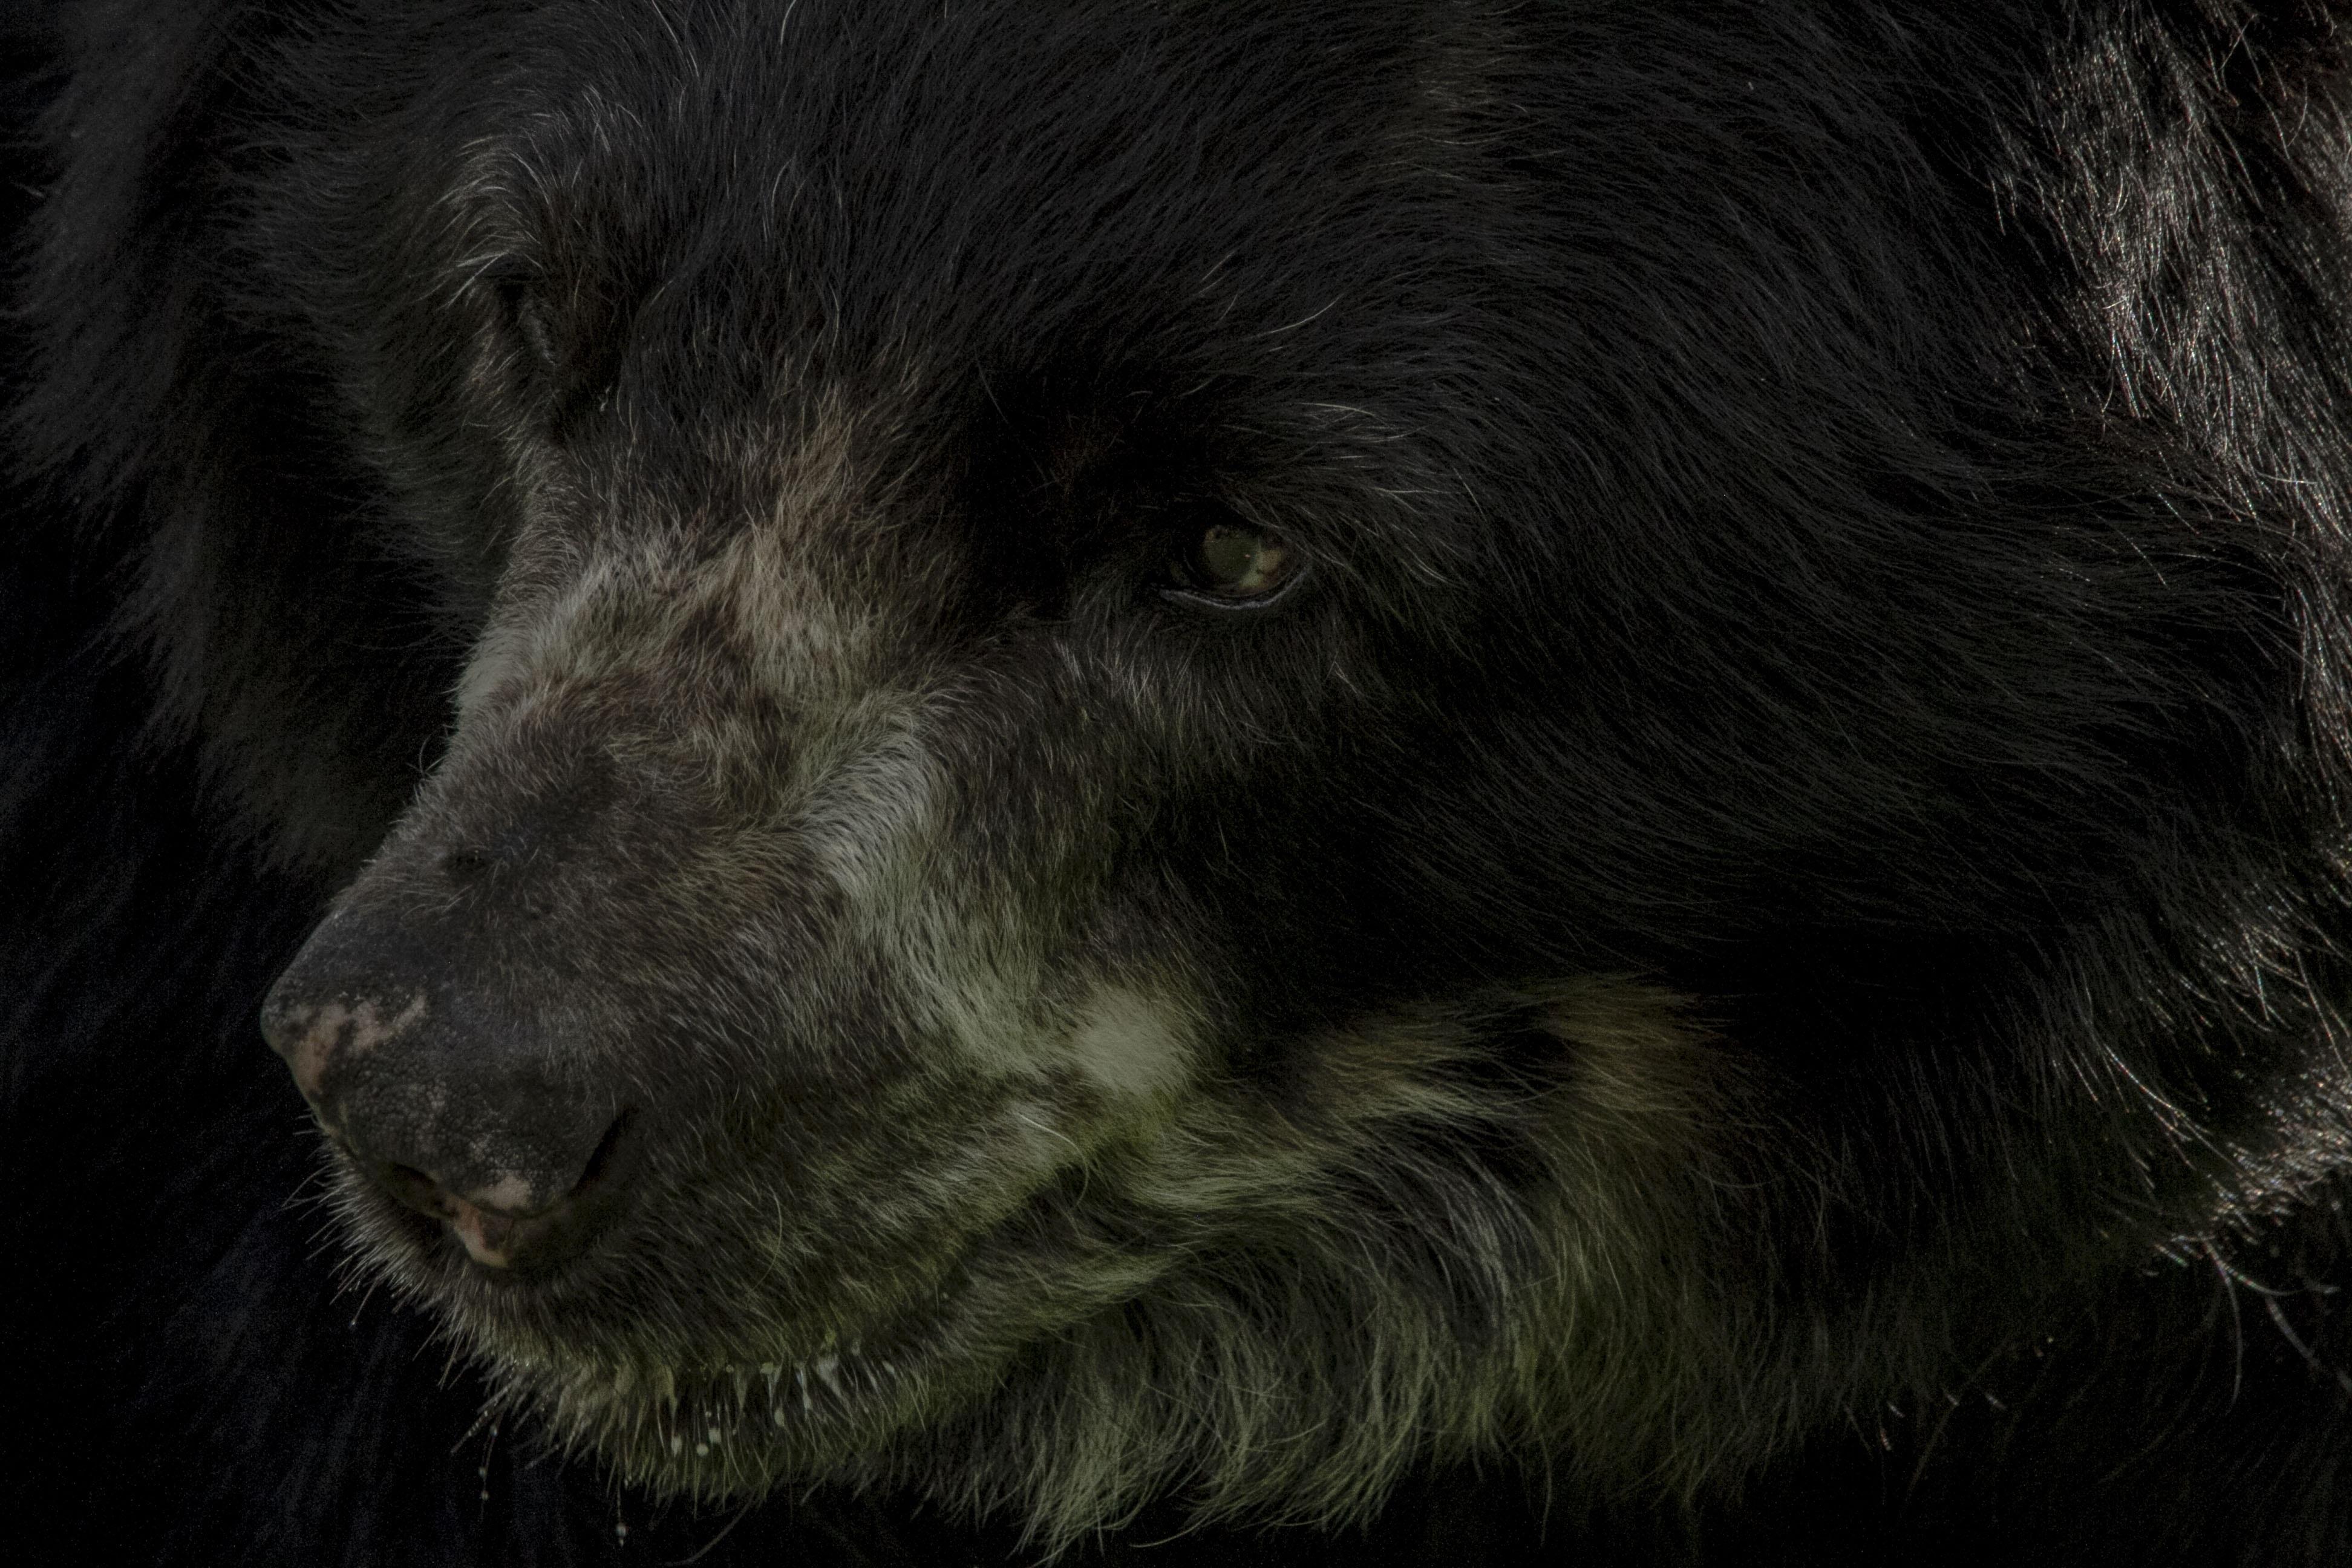 Uno de los principales objetivos del programa Conservamos la vida es reducir los conflictos oso de anteojos-humano. Foto: Fundación Grupo Argos.